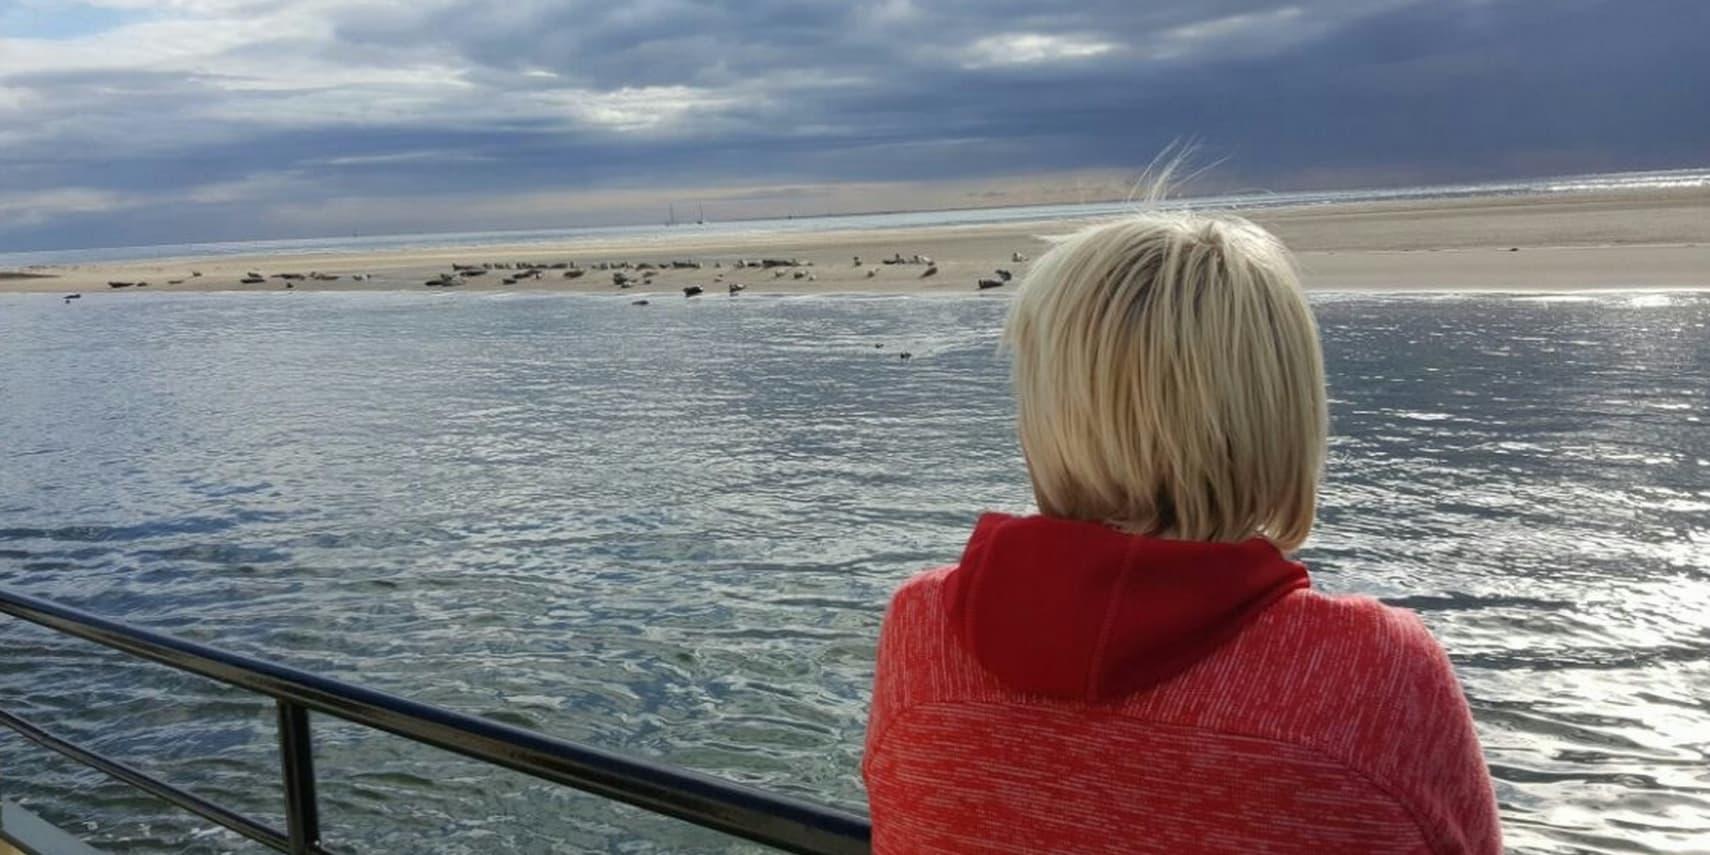 jongen die uitkijkt op de zeehonden op het wad